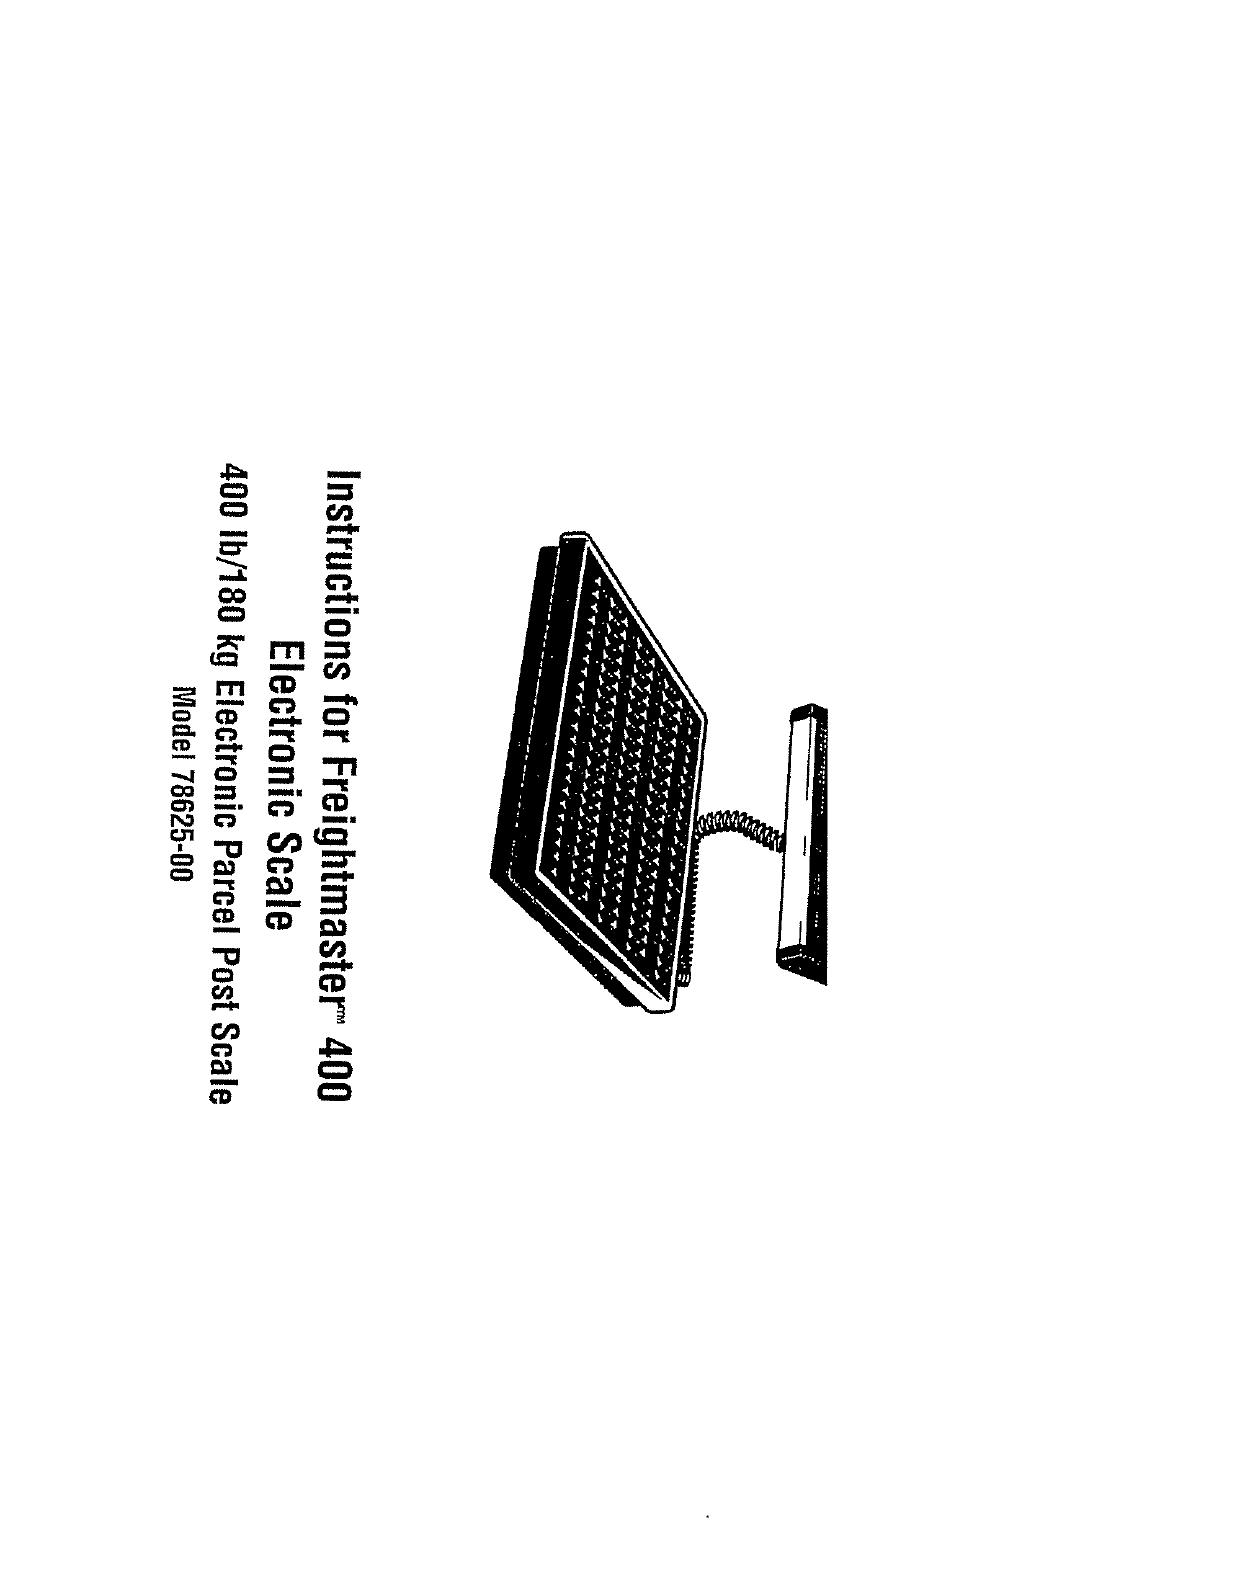 Sunbeam Postal Equipment 00 User Guide